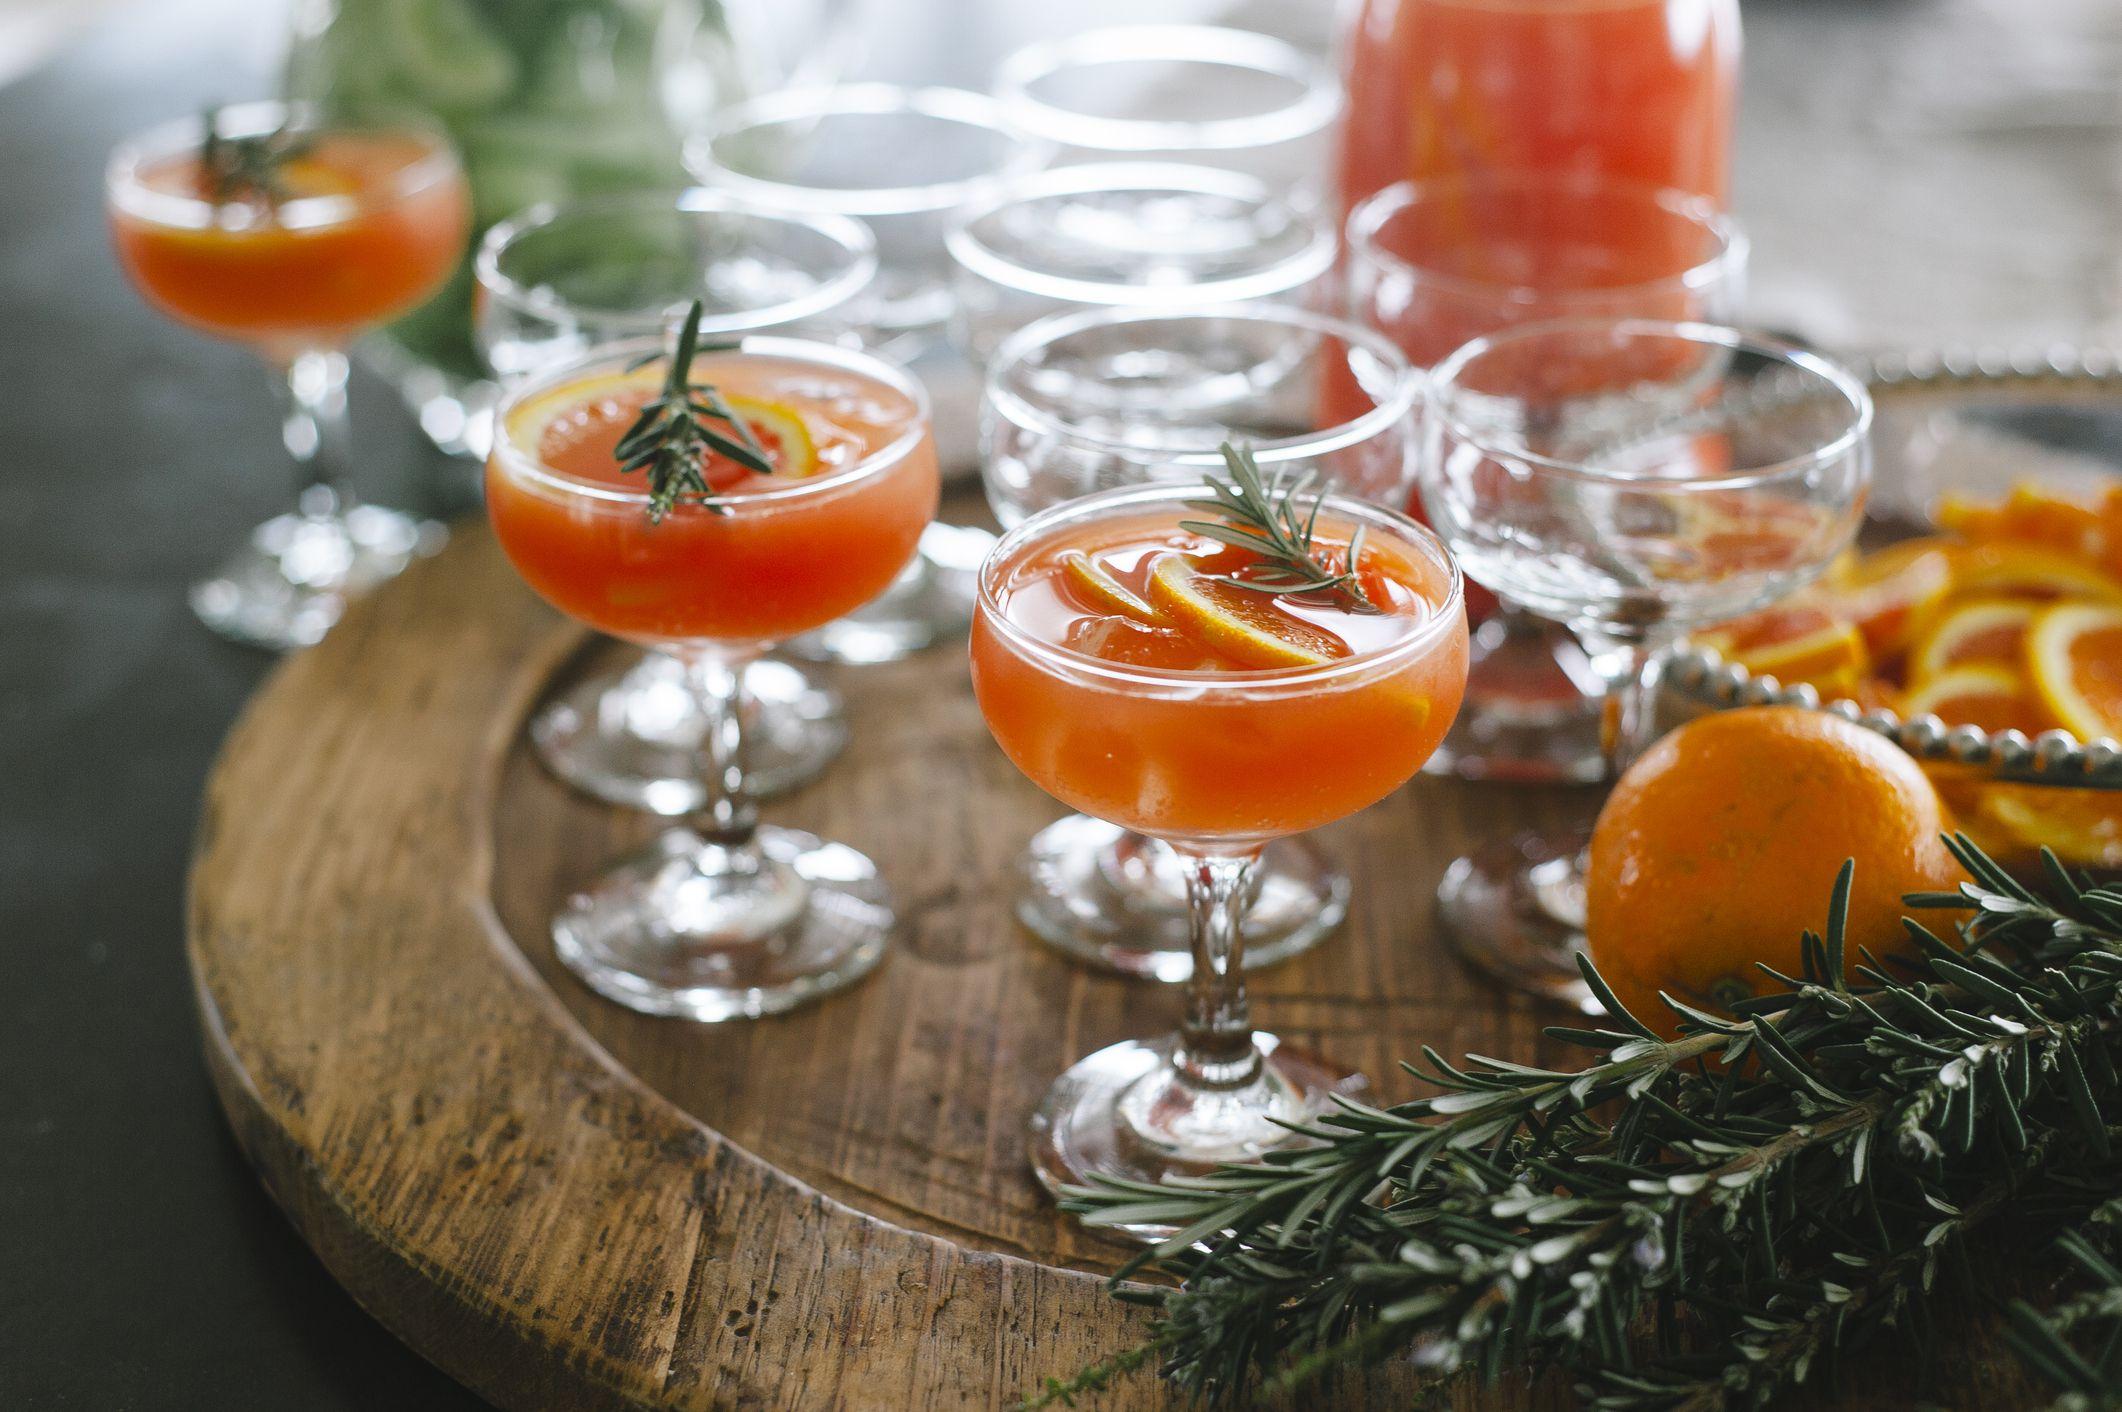 The 9 Best Orange Liqueurs of 2021